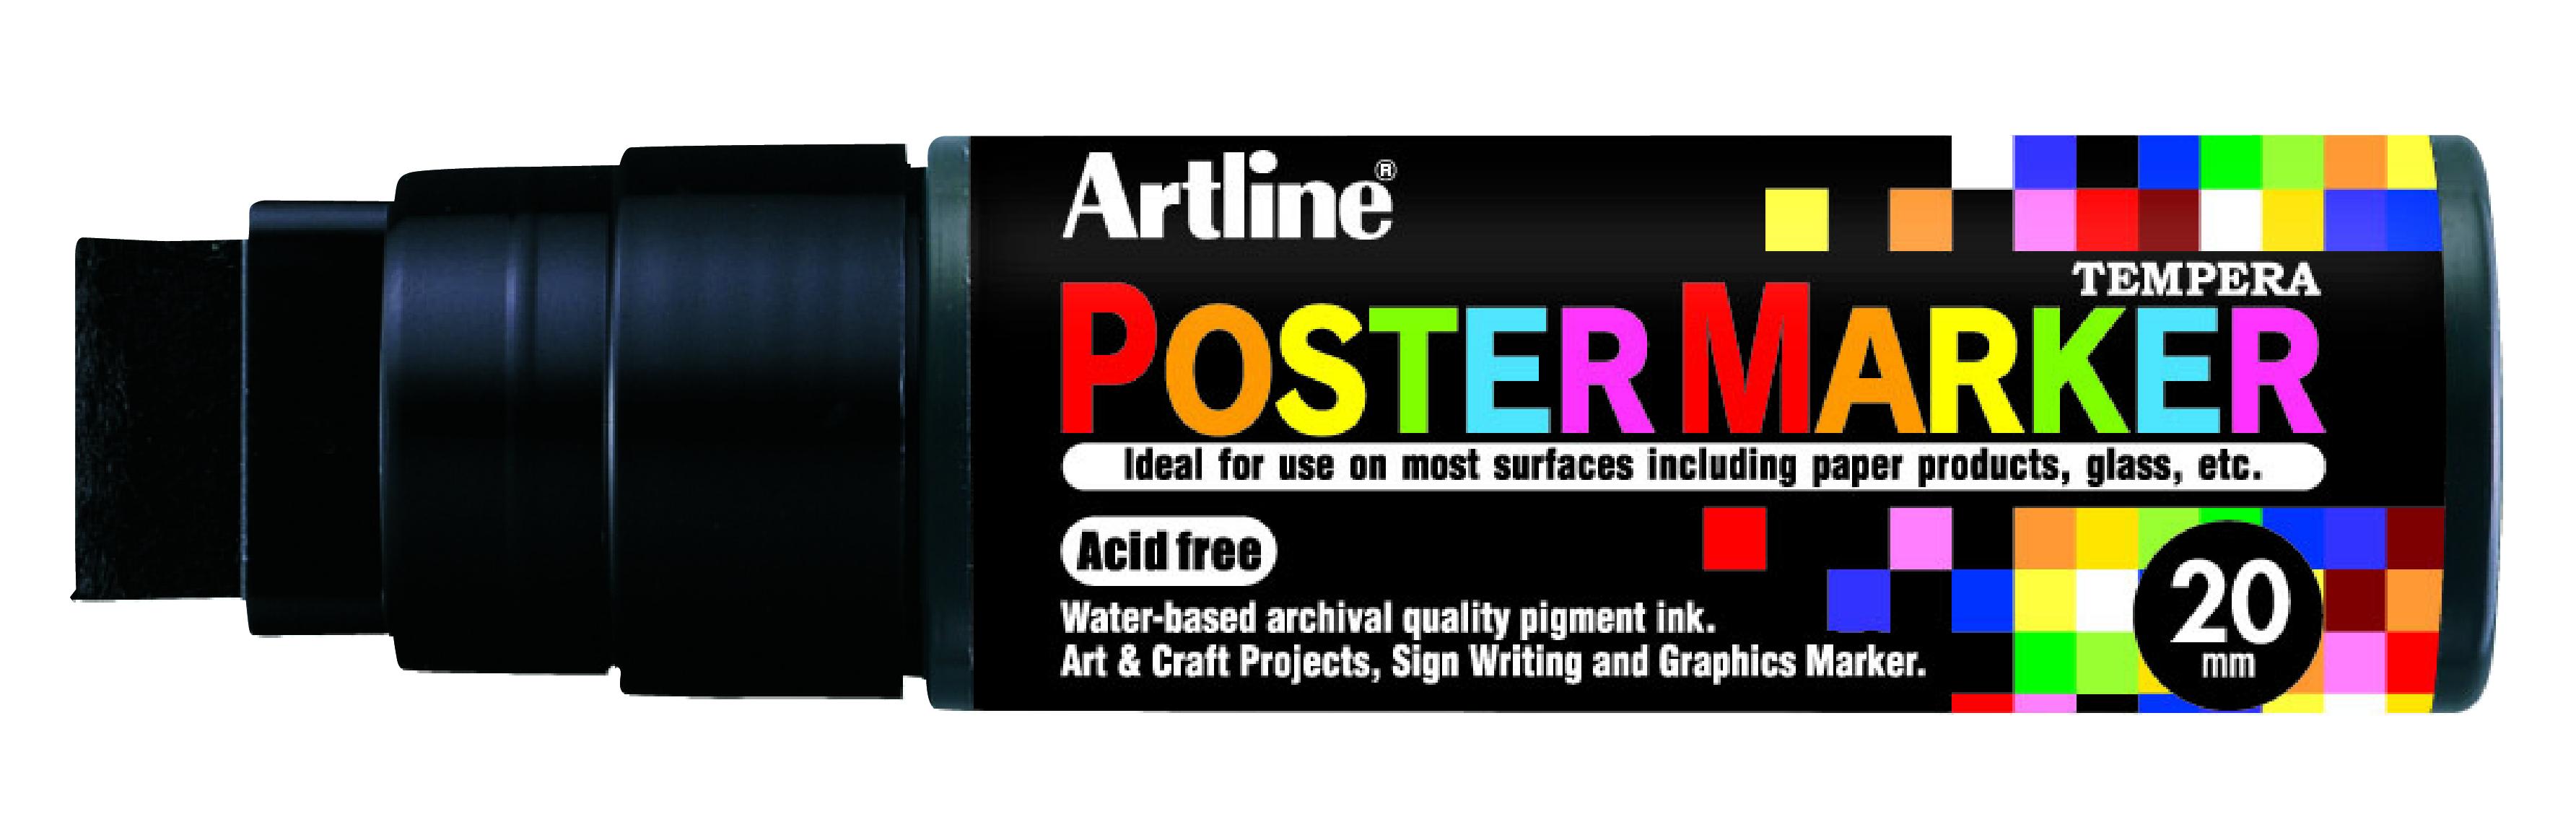 Artline EPP-20 PosterMarker 20mm merkepenn Sort